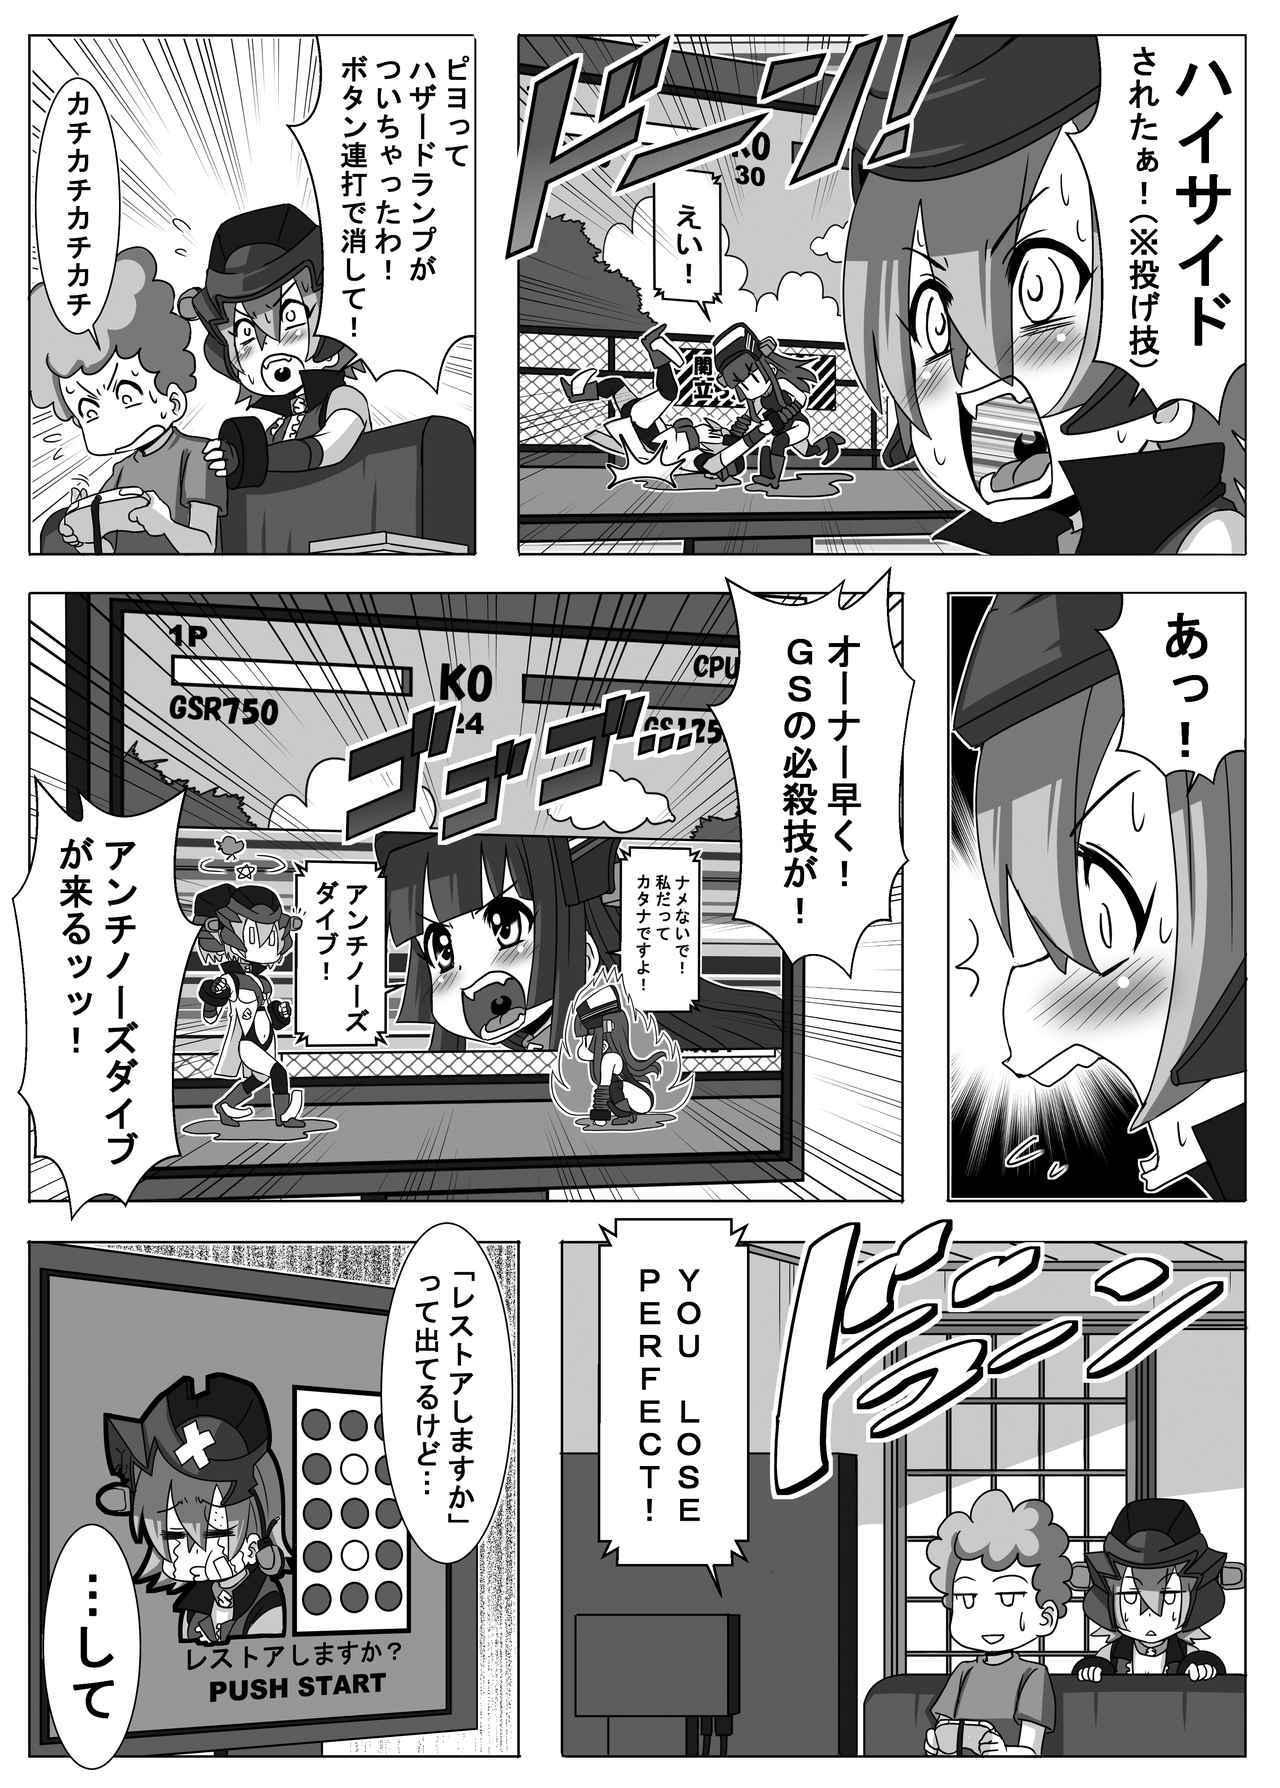 画像4: 『バイク擬人化菌書』GSR750 話「ストリートファイター」 作:鈴木秀吉